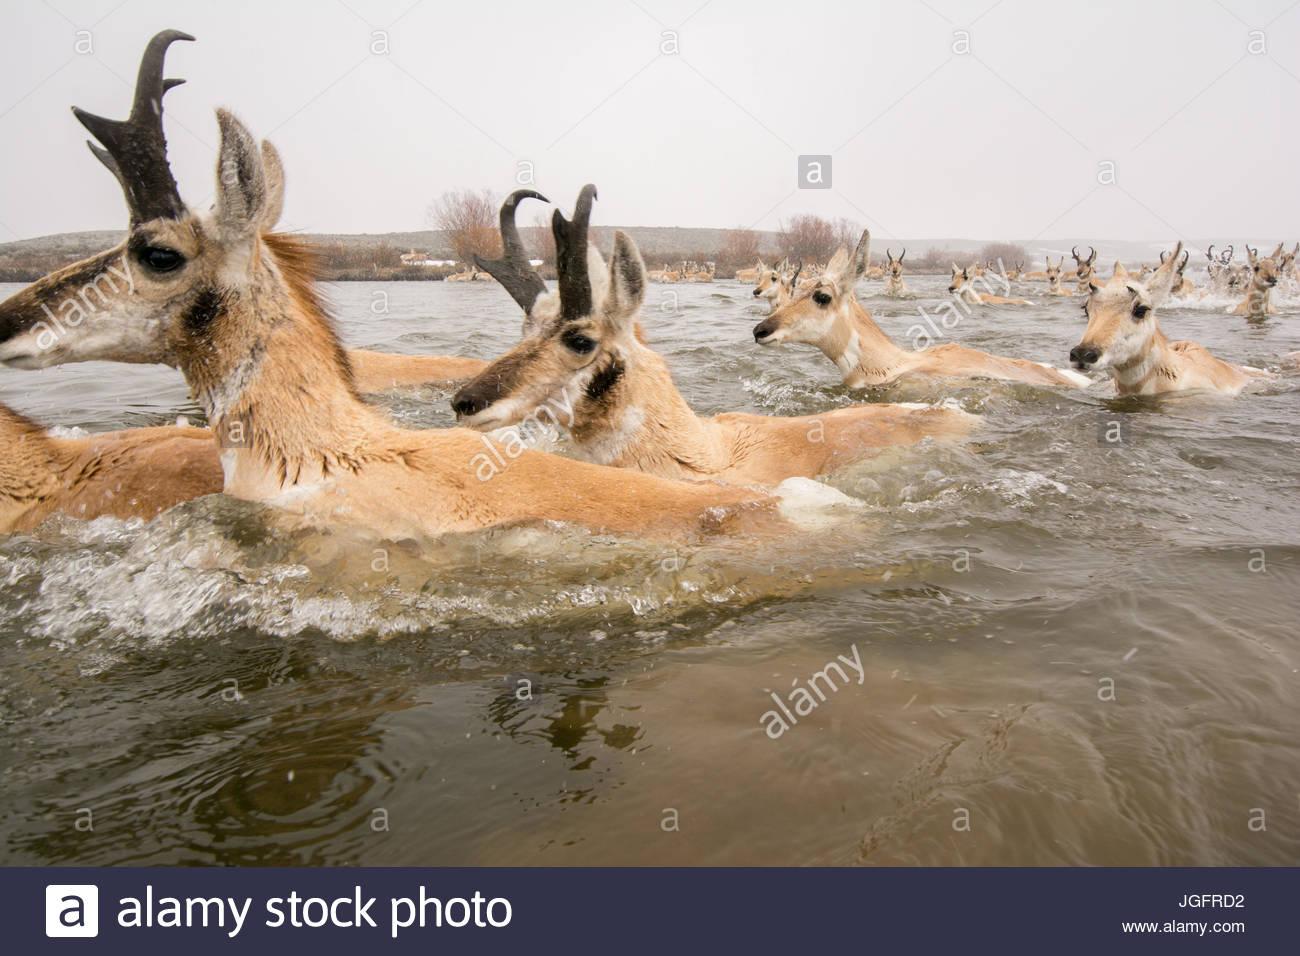 L'antilocapre traversant une rivière au cours de la migration dans le Wyoming. Photo Stock